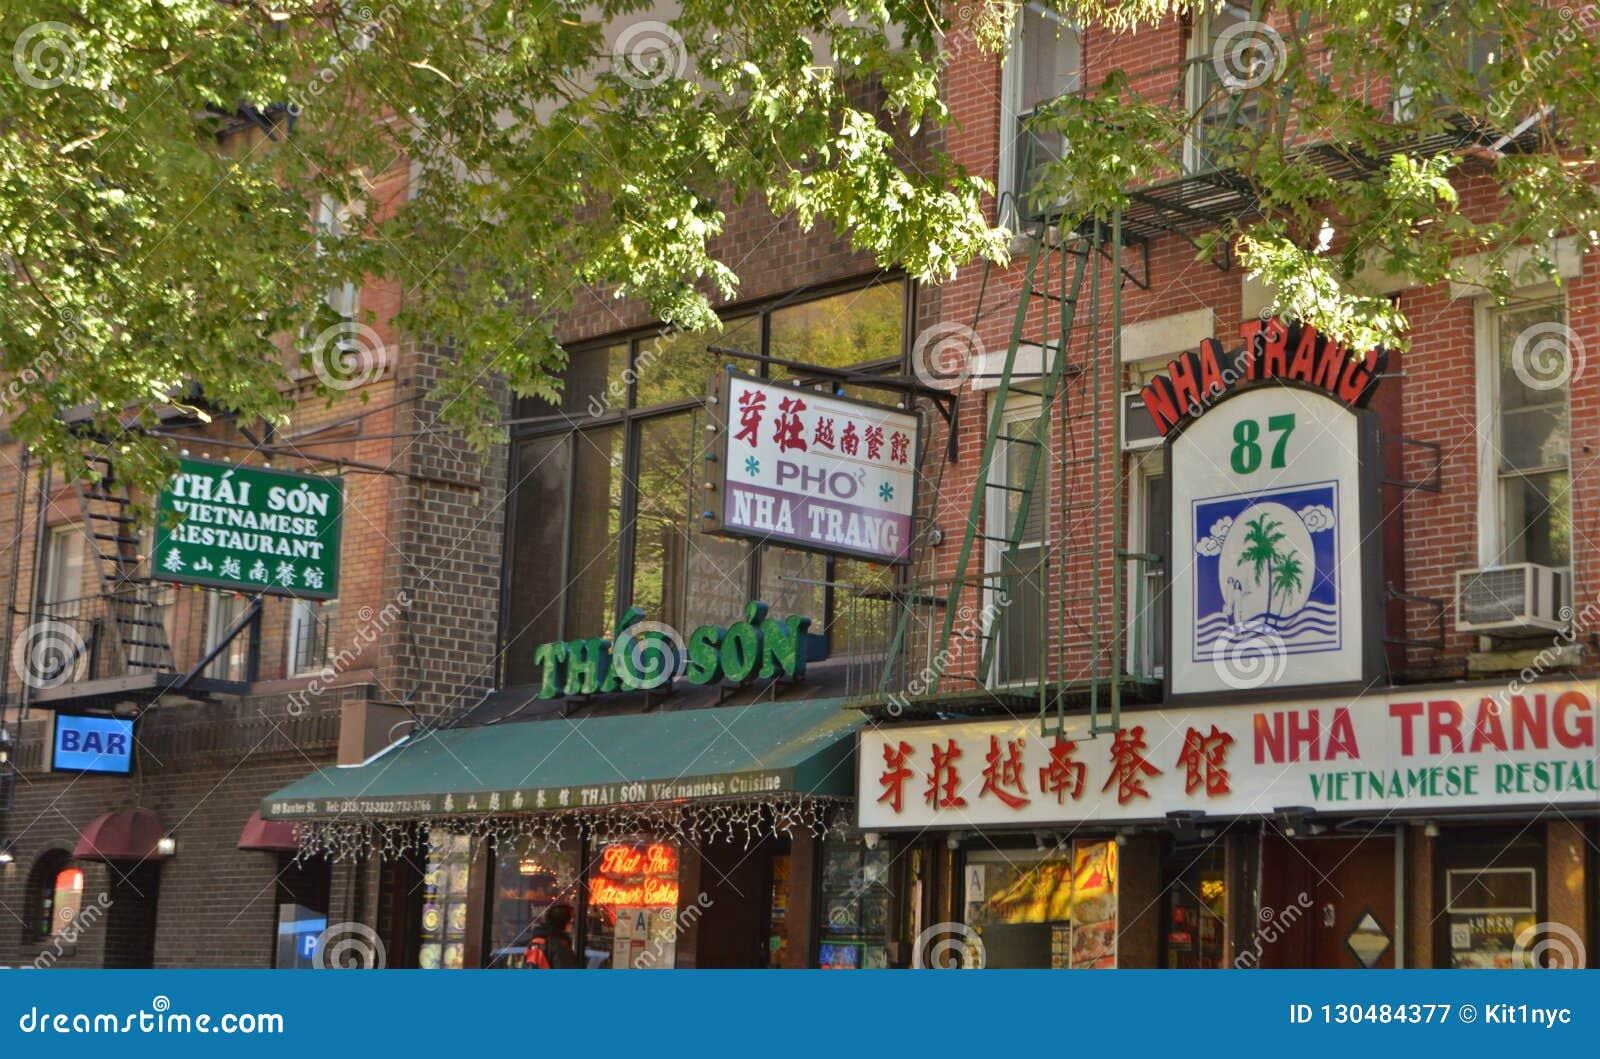 New York City Restaurant Vietnamese Food Chinatown Nyc